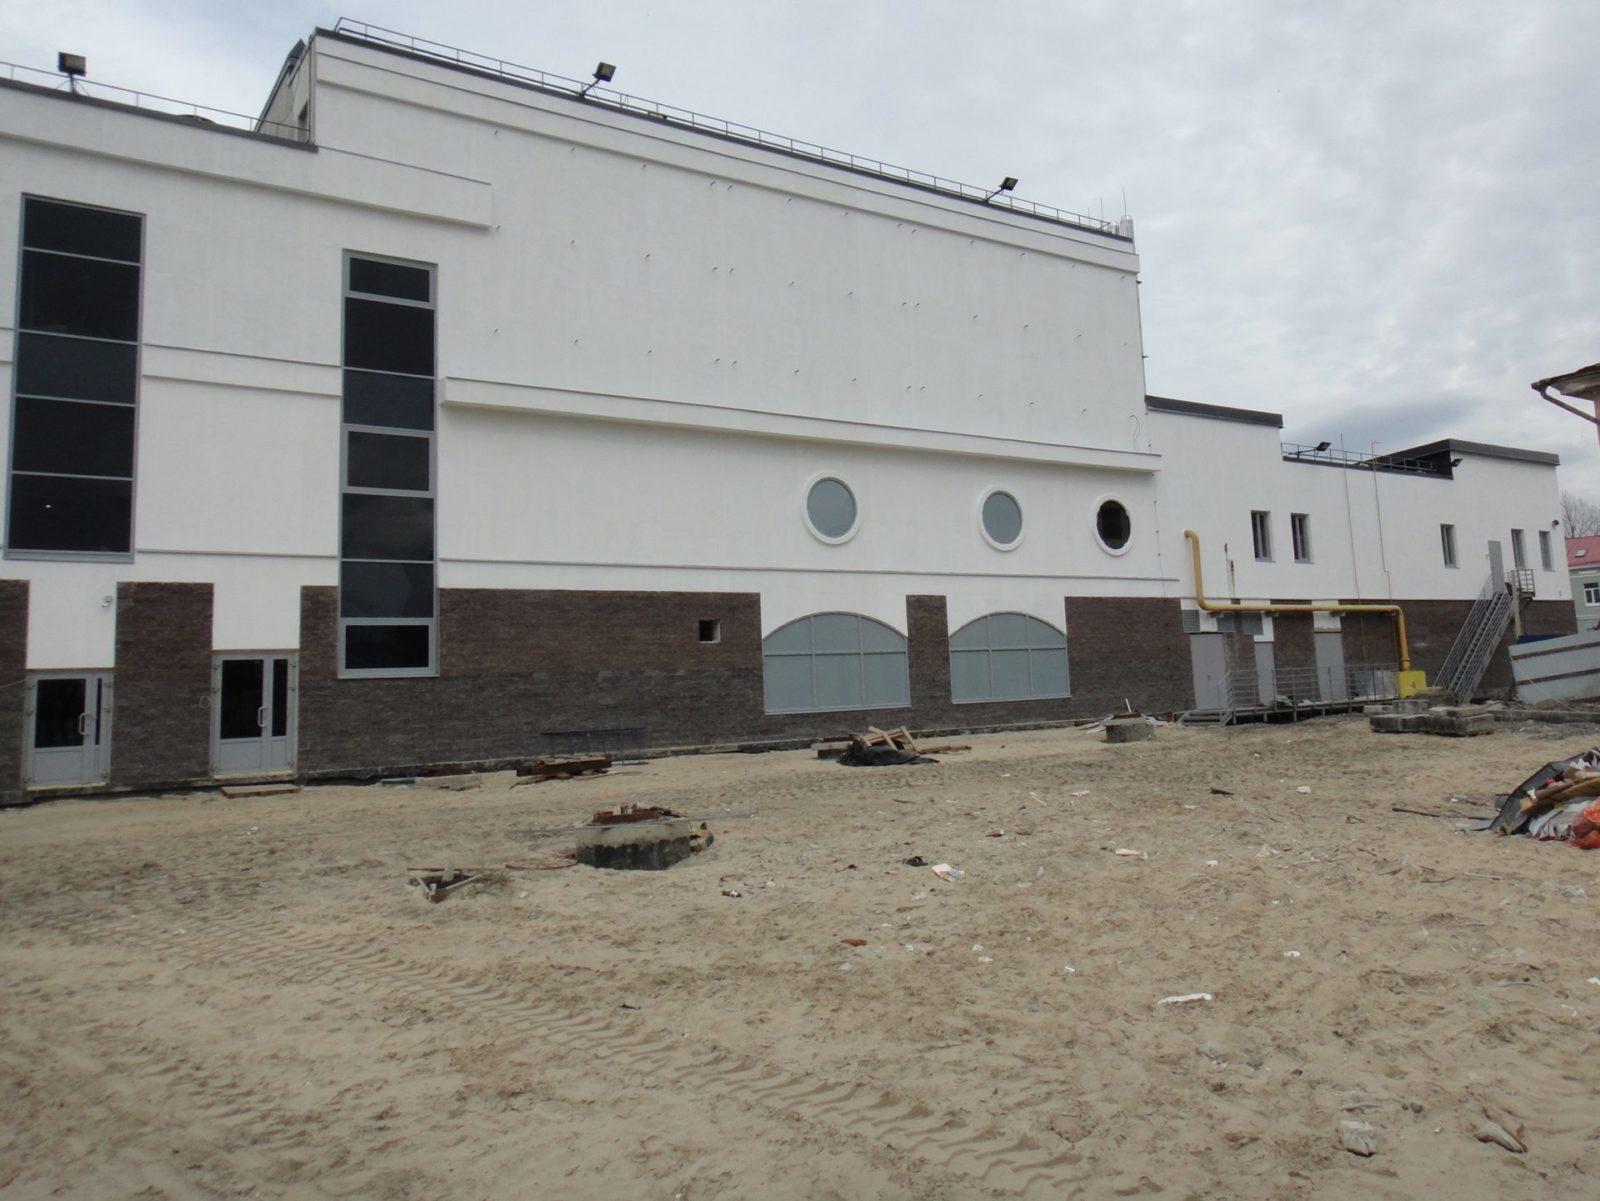 Выполнены работы косметического характера по устройству нового штукатурного фасада для Торгово-Развлекательного Комплекса в Петербурге